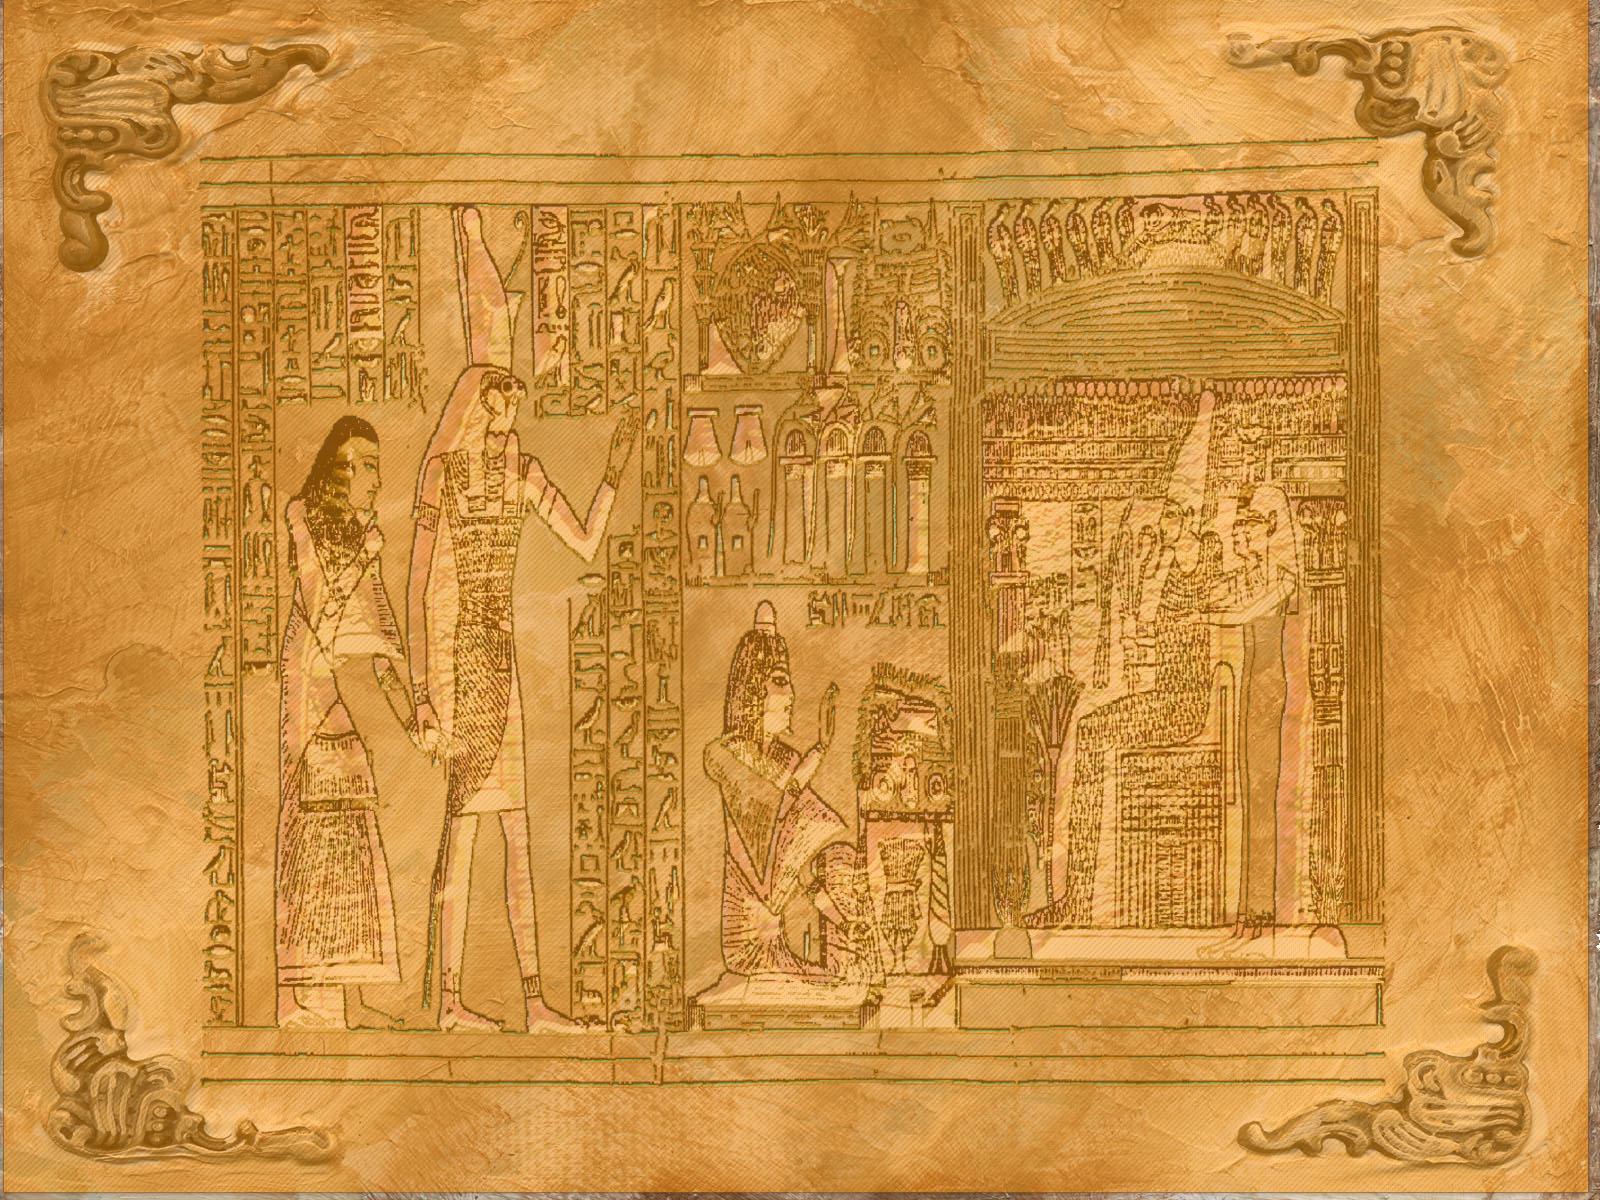 Hình nền powerpoint lịch sử Ai Cập cực đẹp